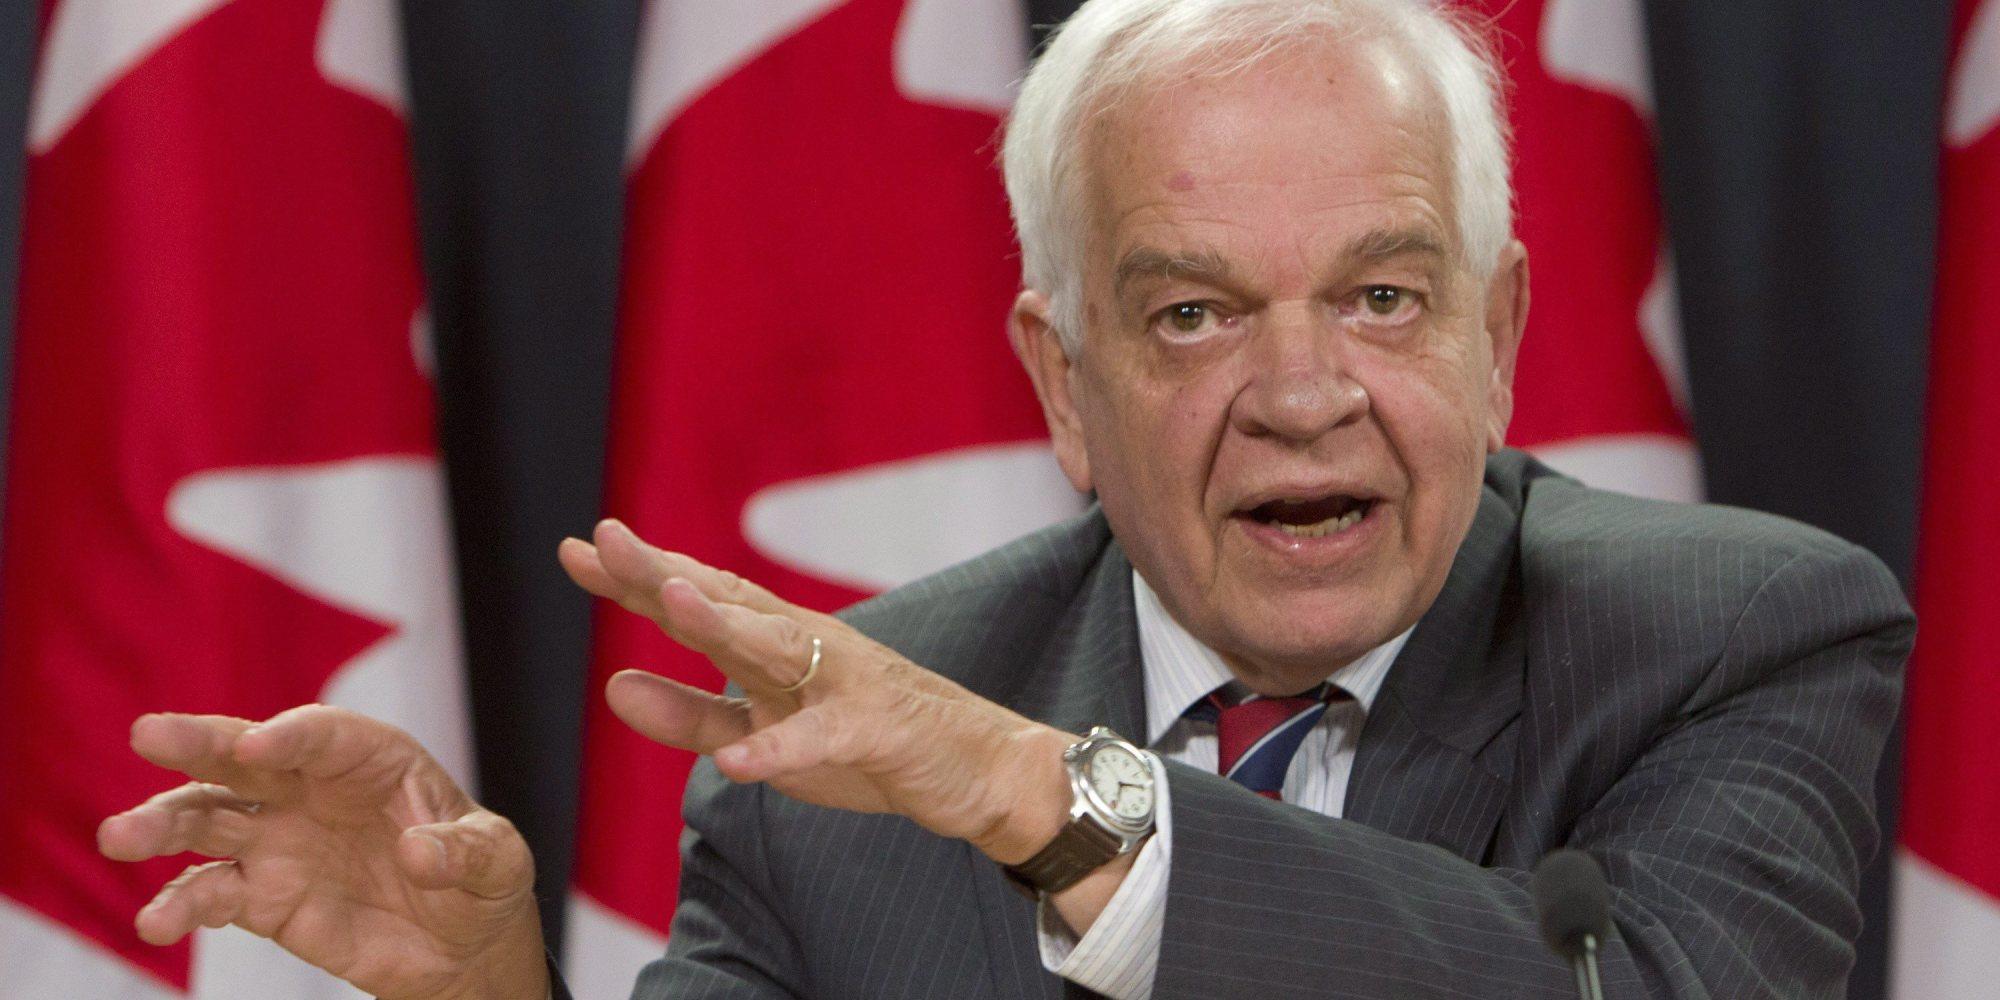 Refugees Health 20151216  Governo liberal restaura o programa de acesso a saúde a todos os refugiados do Canadá o JOHN MCCALLUM facebook